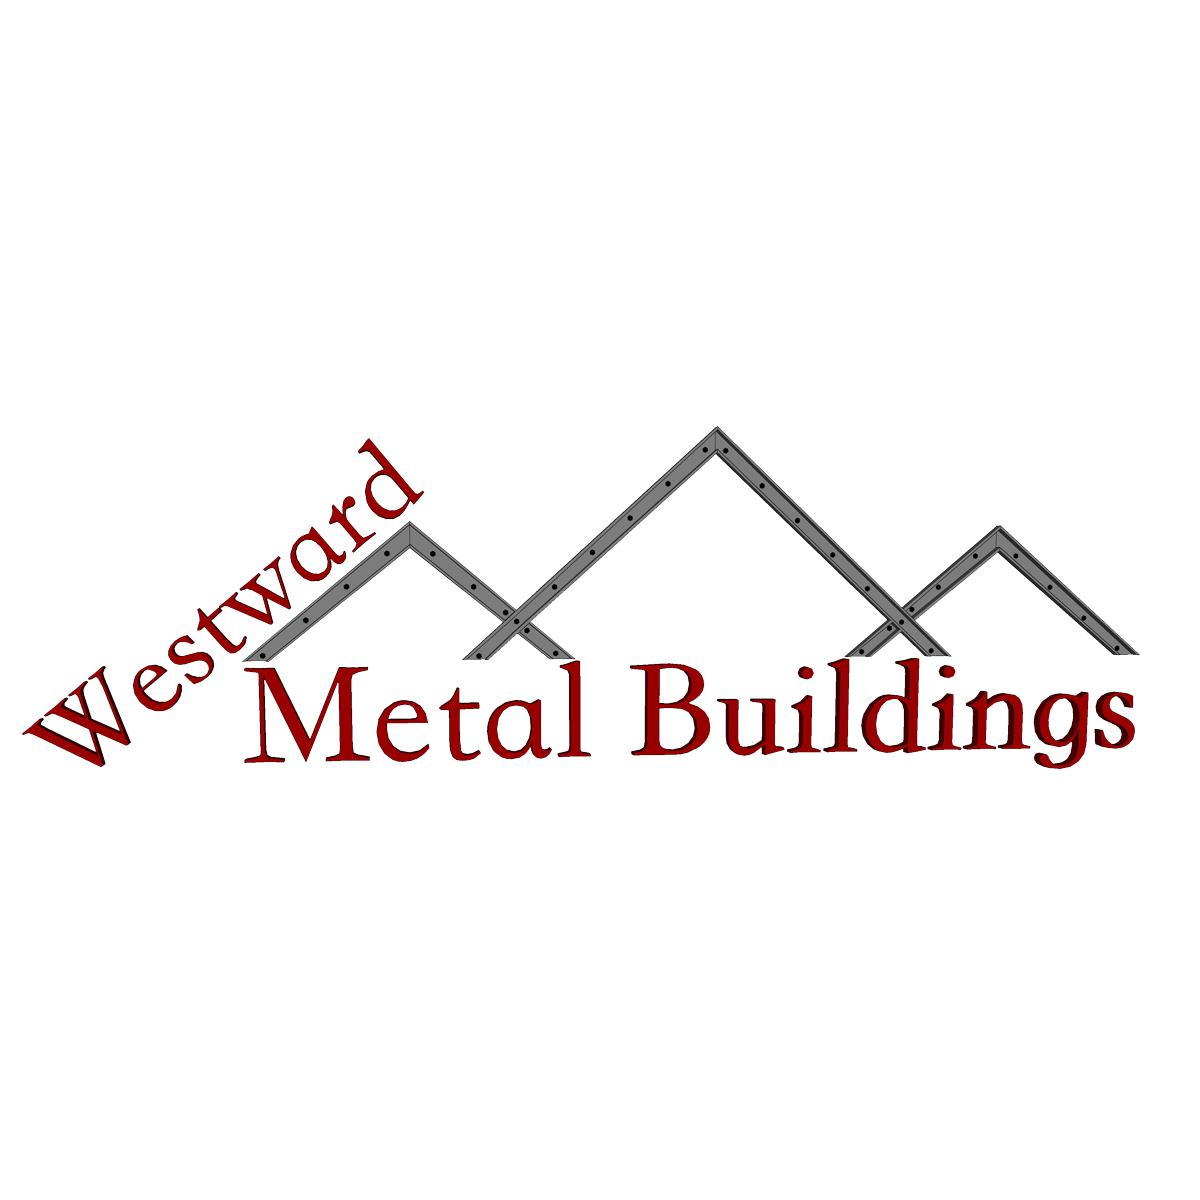 Westward Metal Building Construction